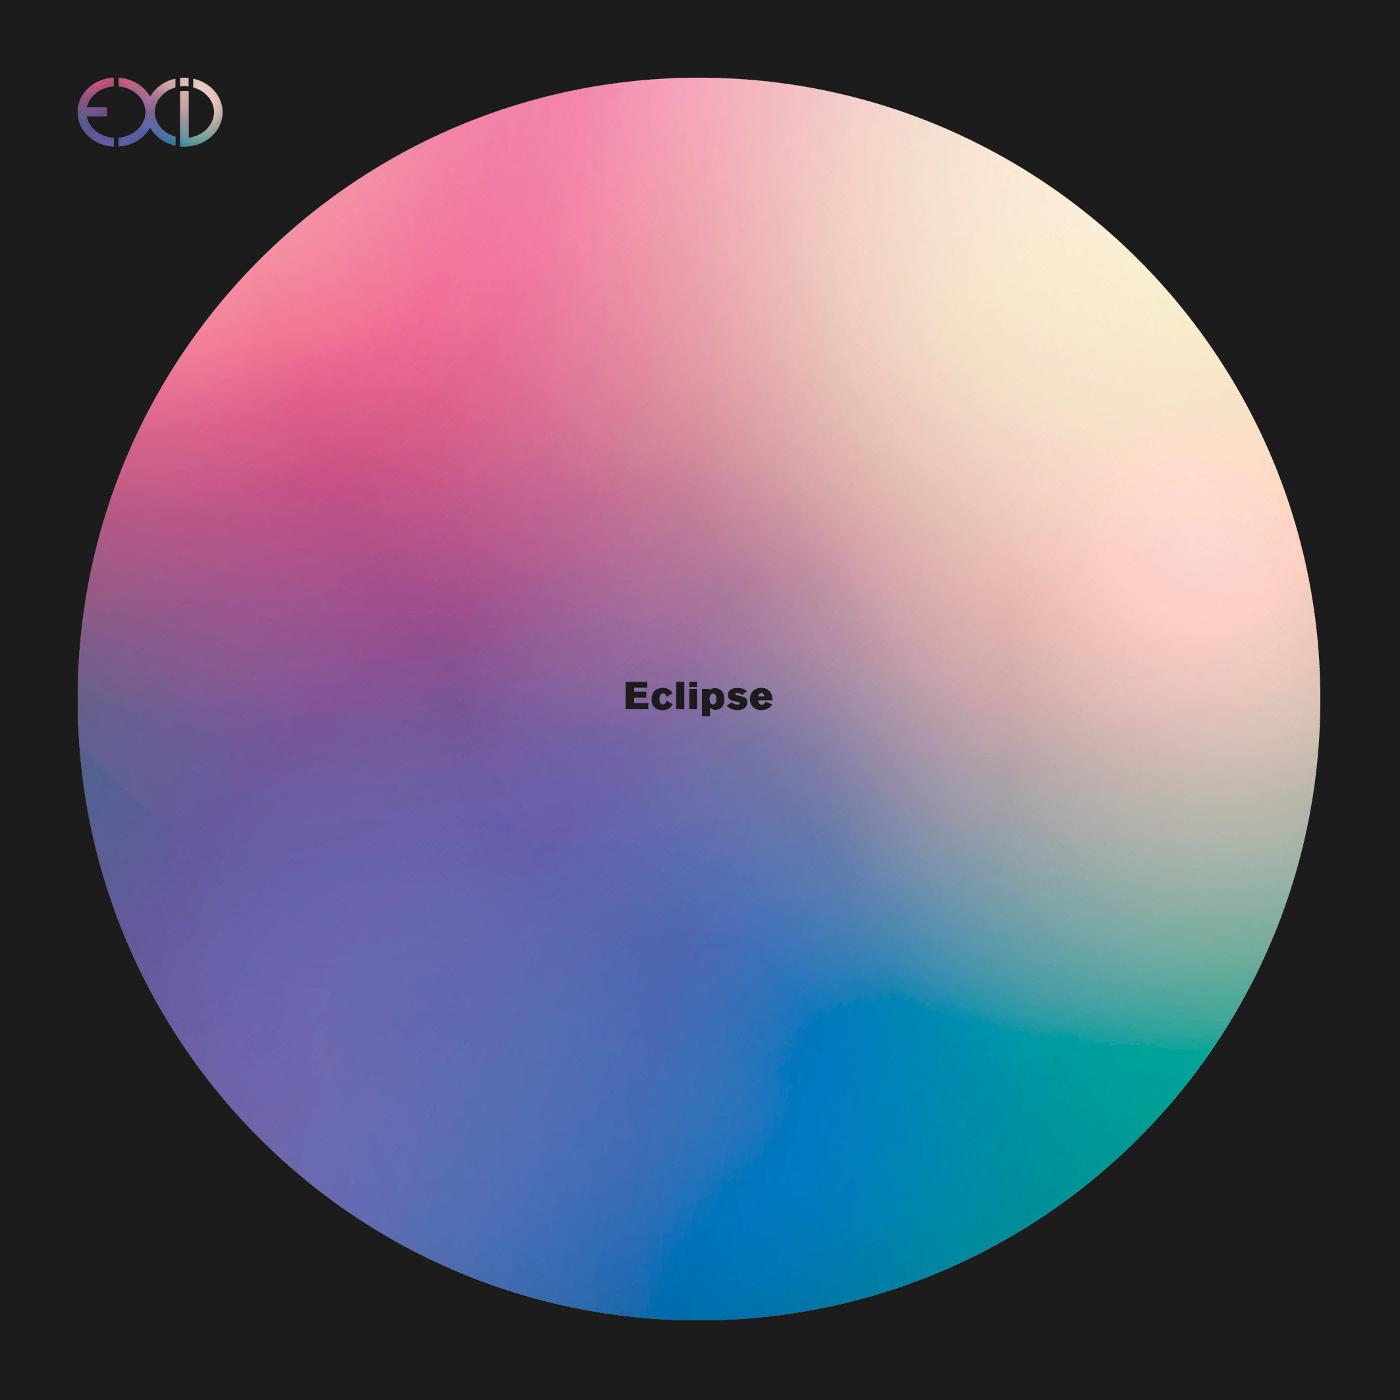 Eclipse (EXID)